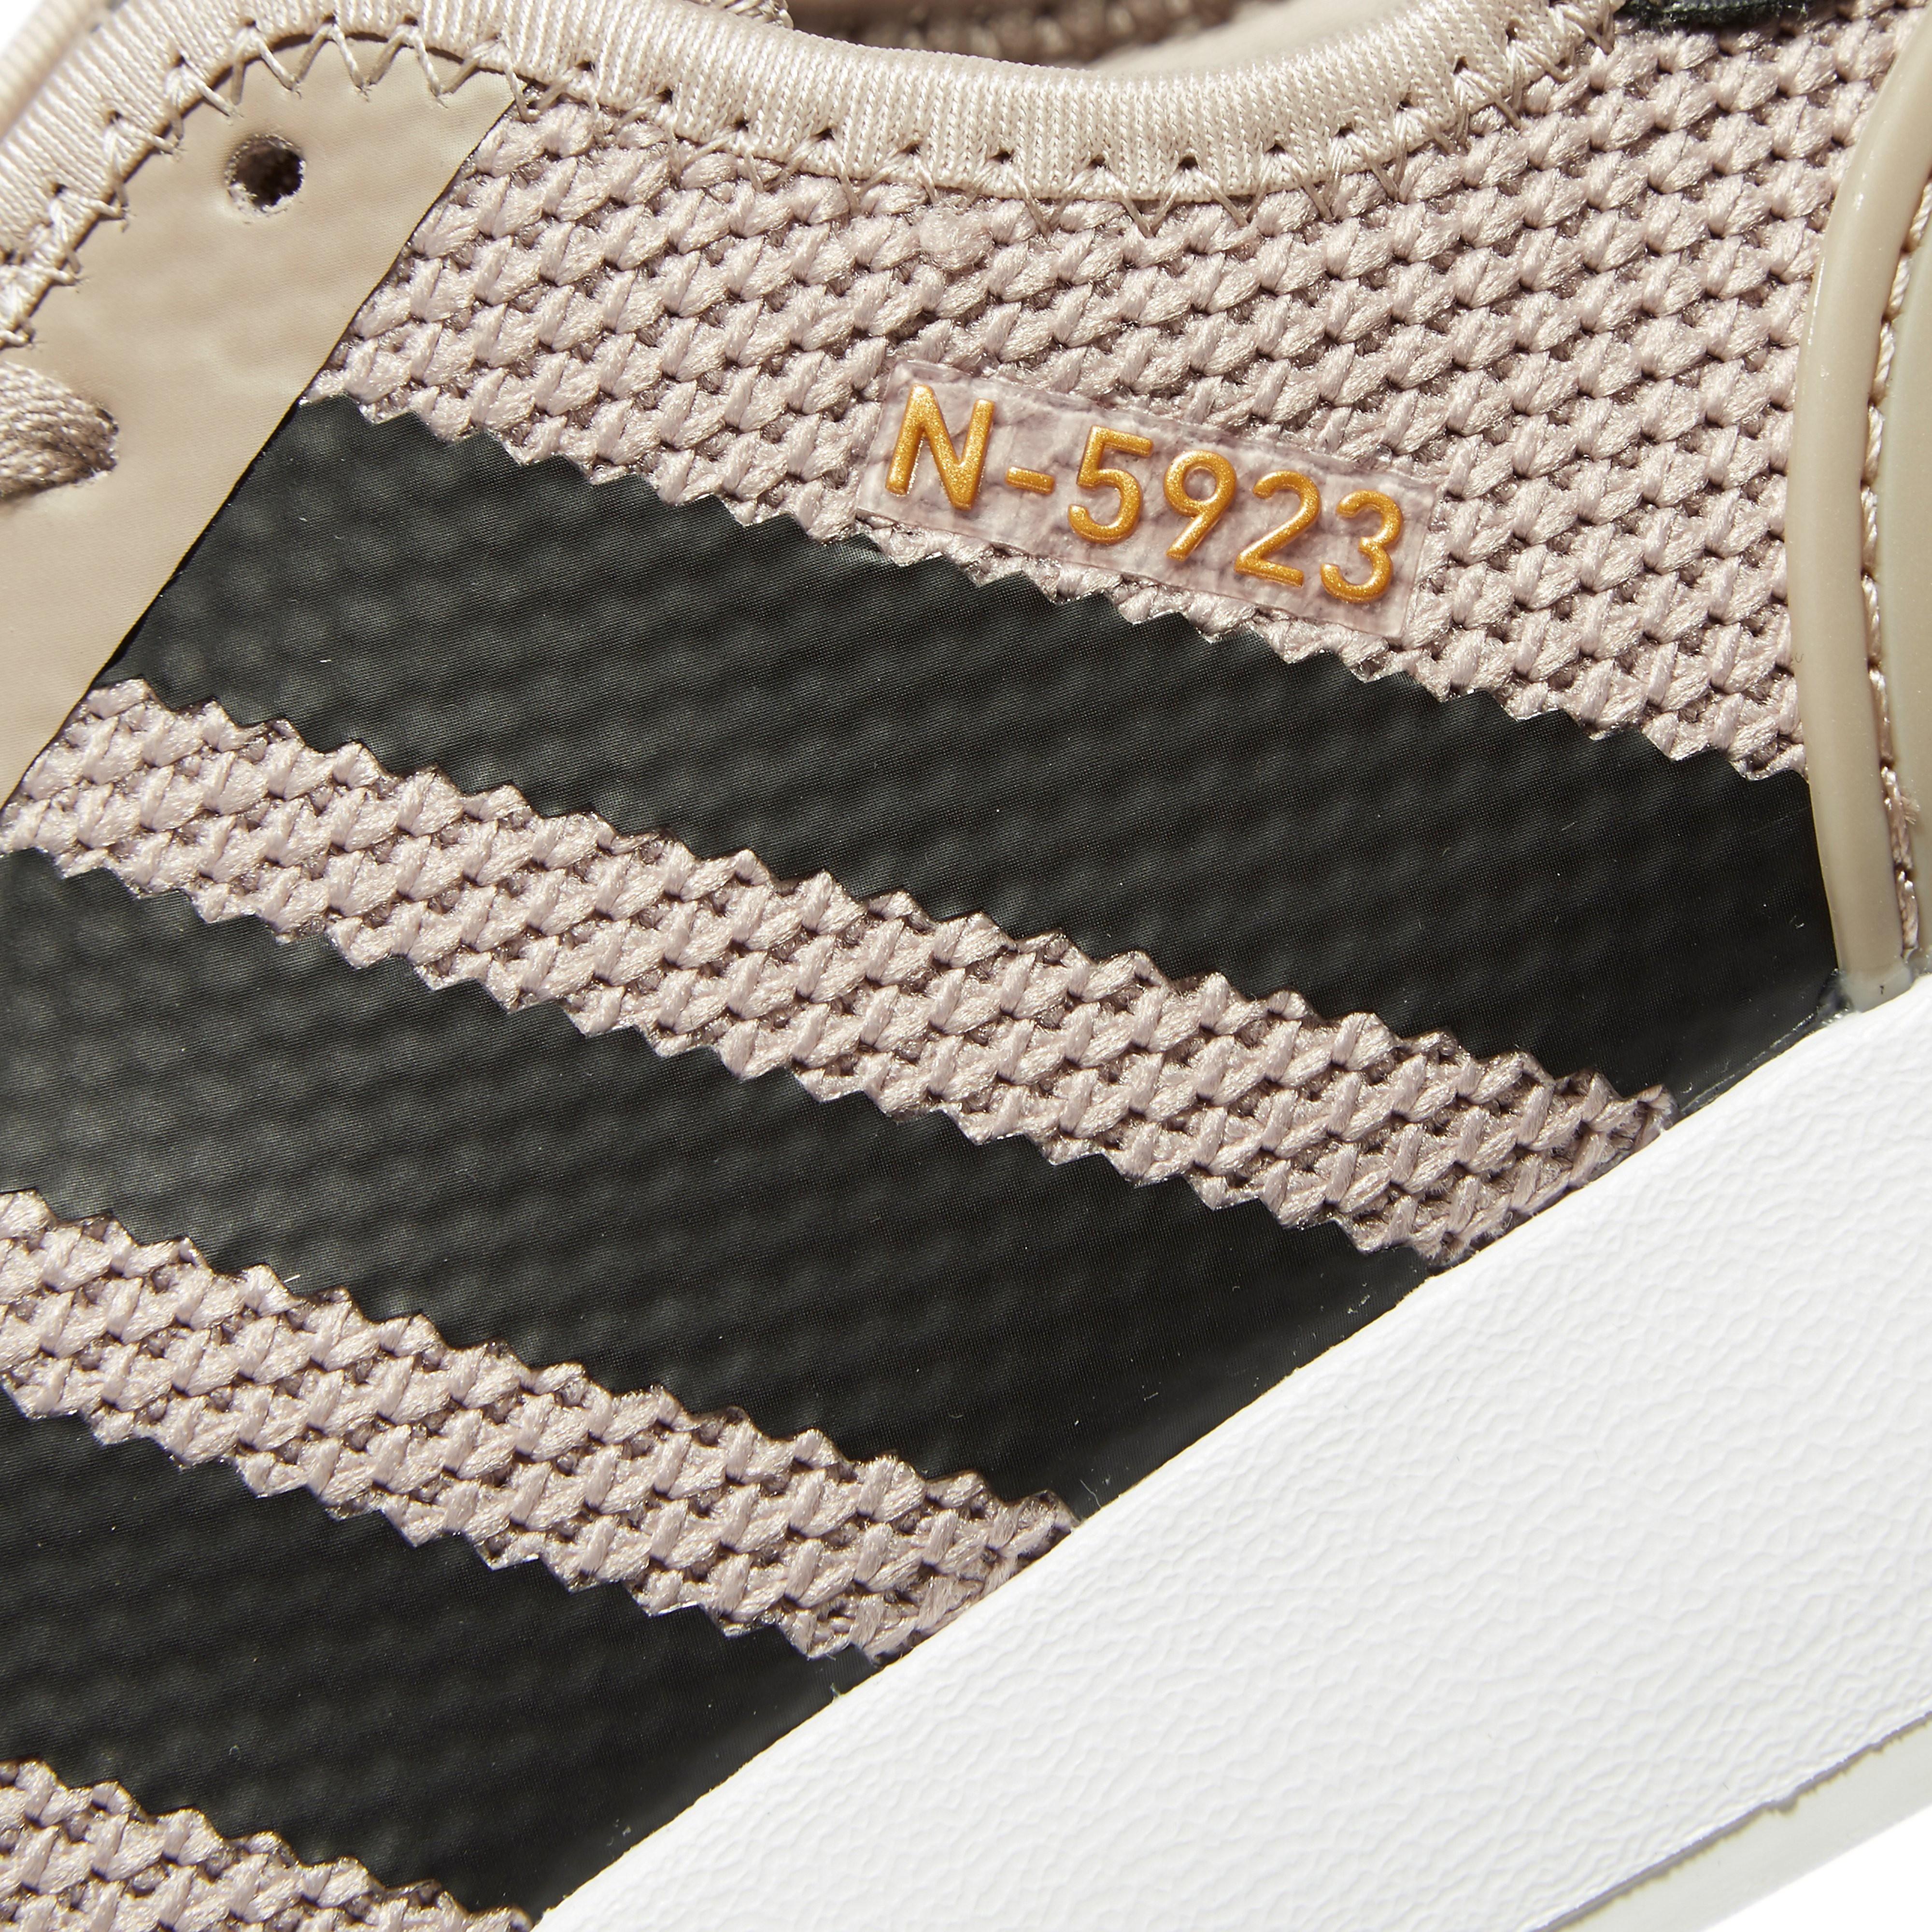 adidas Originals N-5923 Juniors'